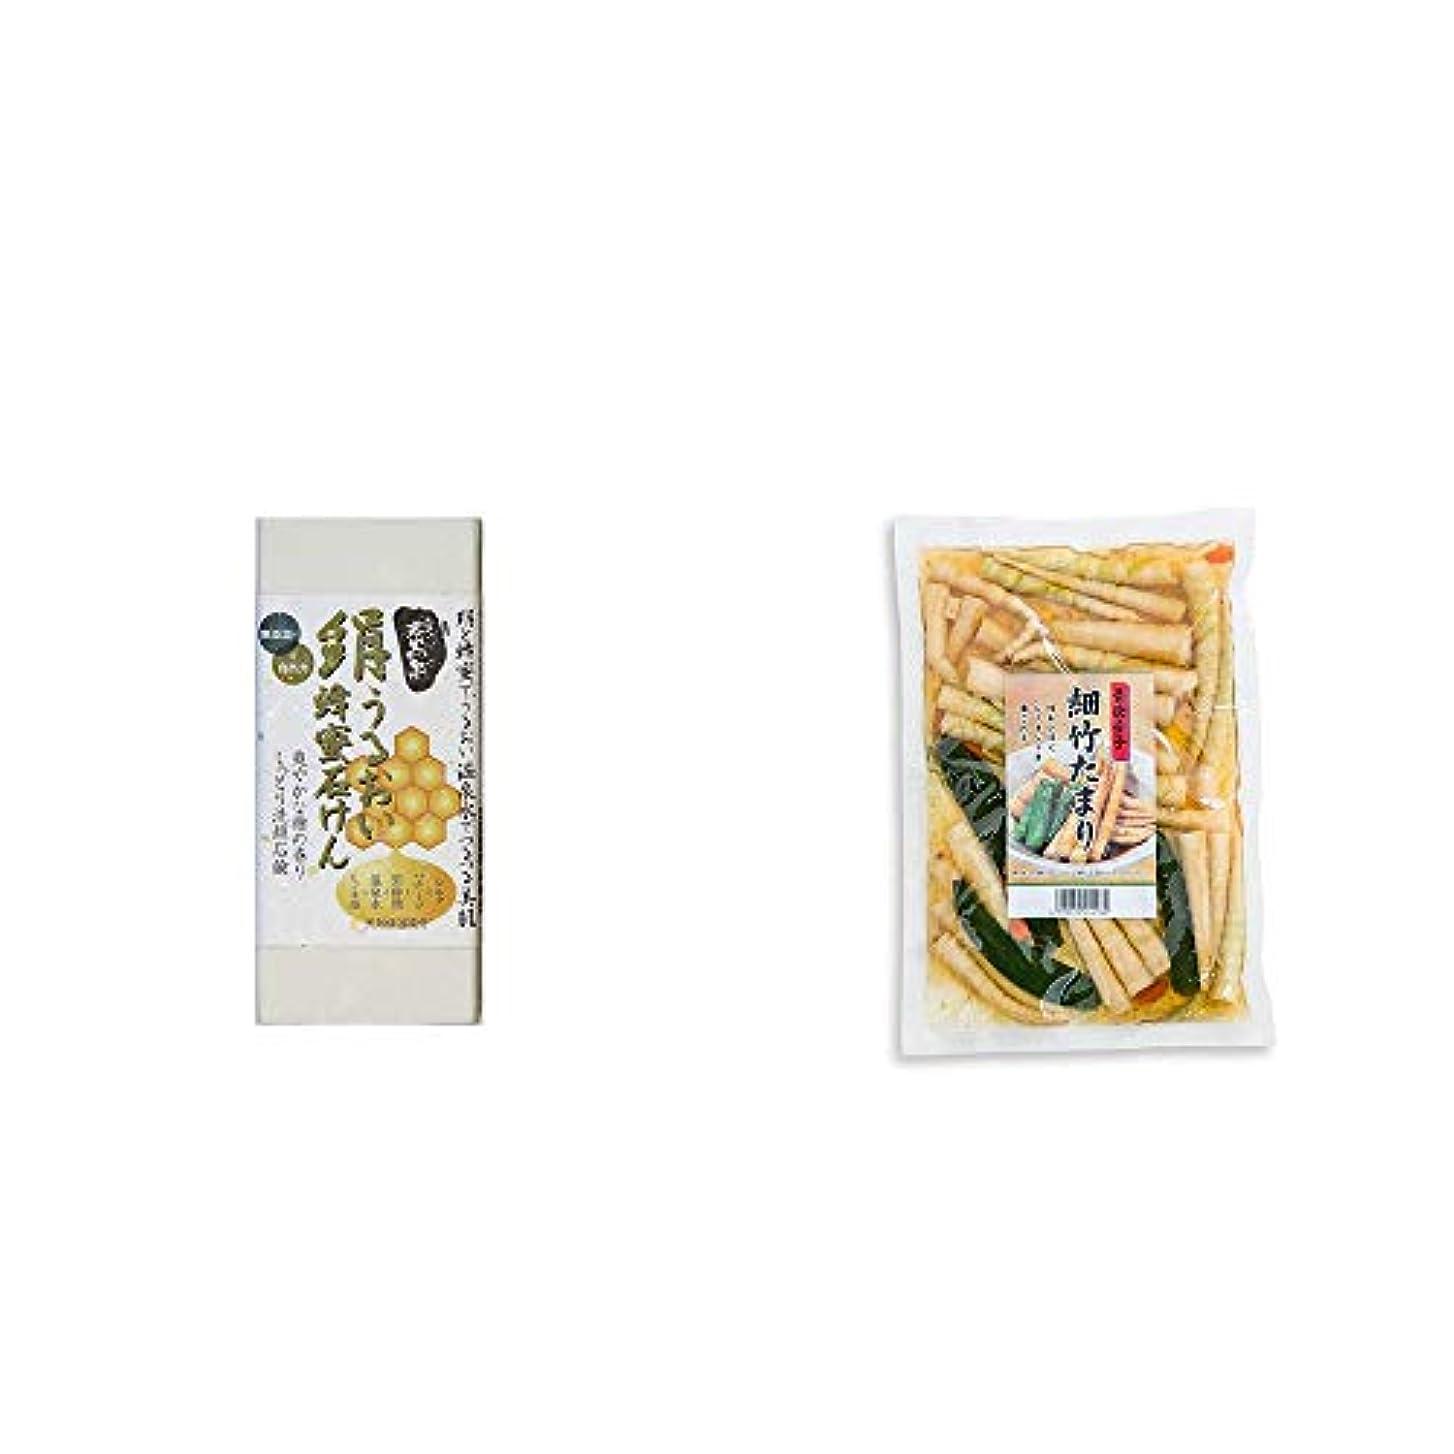 元気な料理流体[2点セット] ひのき炭黒泉 絹うるおい蜂蜜石けん(75g×2)?青唐辛子 細竹たまり(330g)